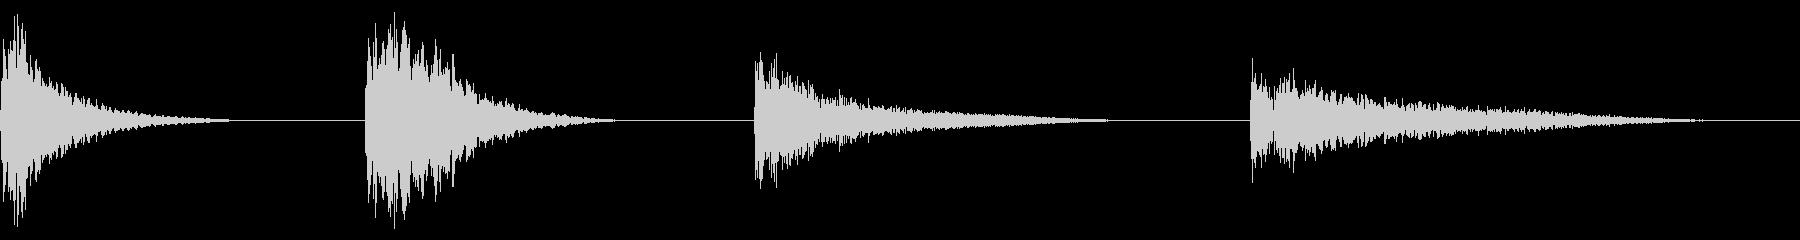 スペースドロップ-ムーグ-4バージョンの未再生の波形